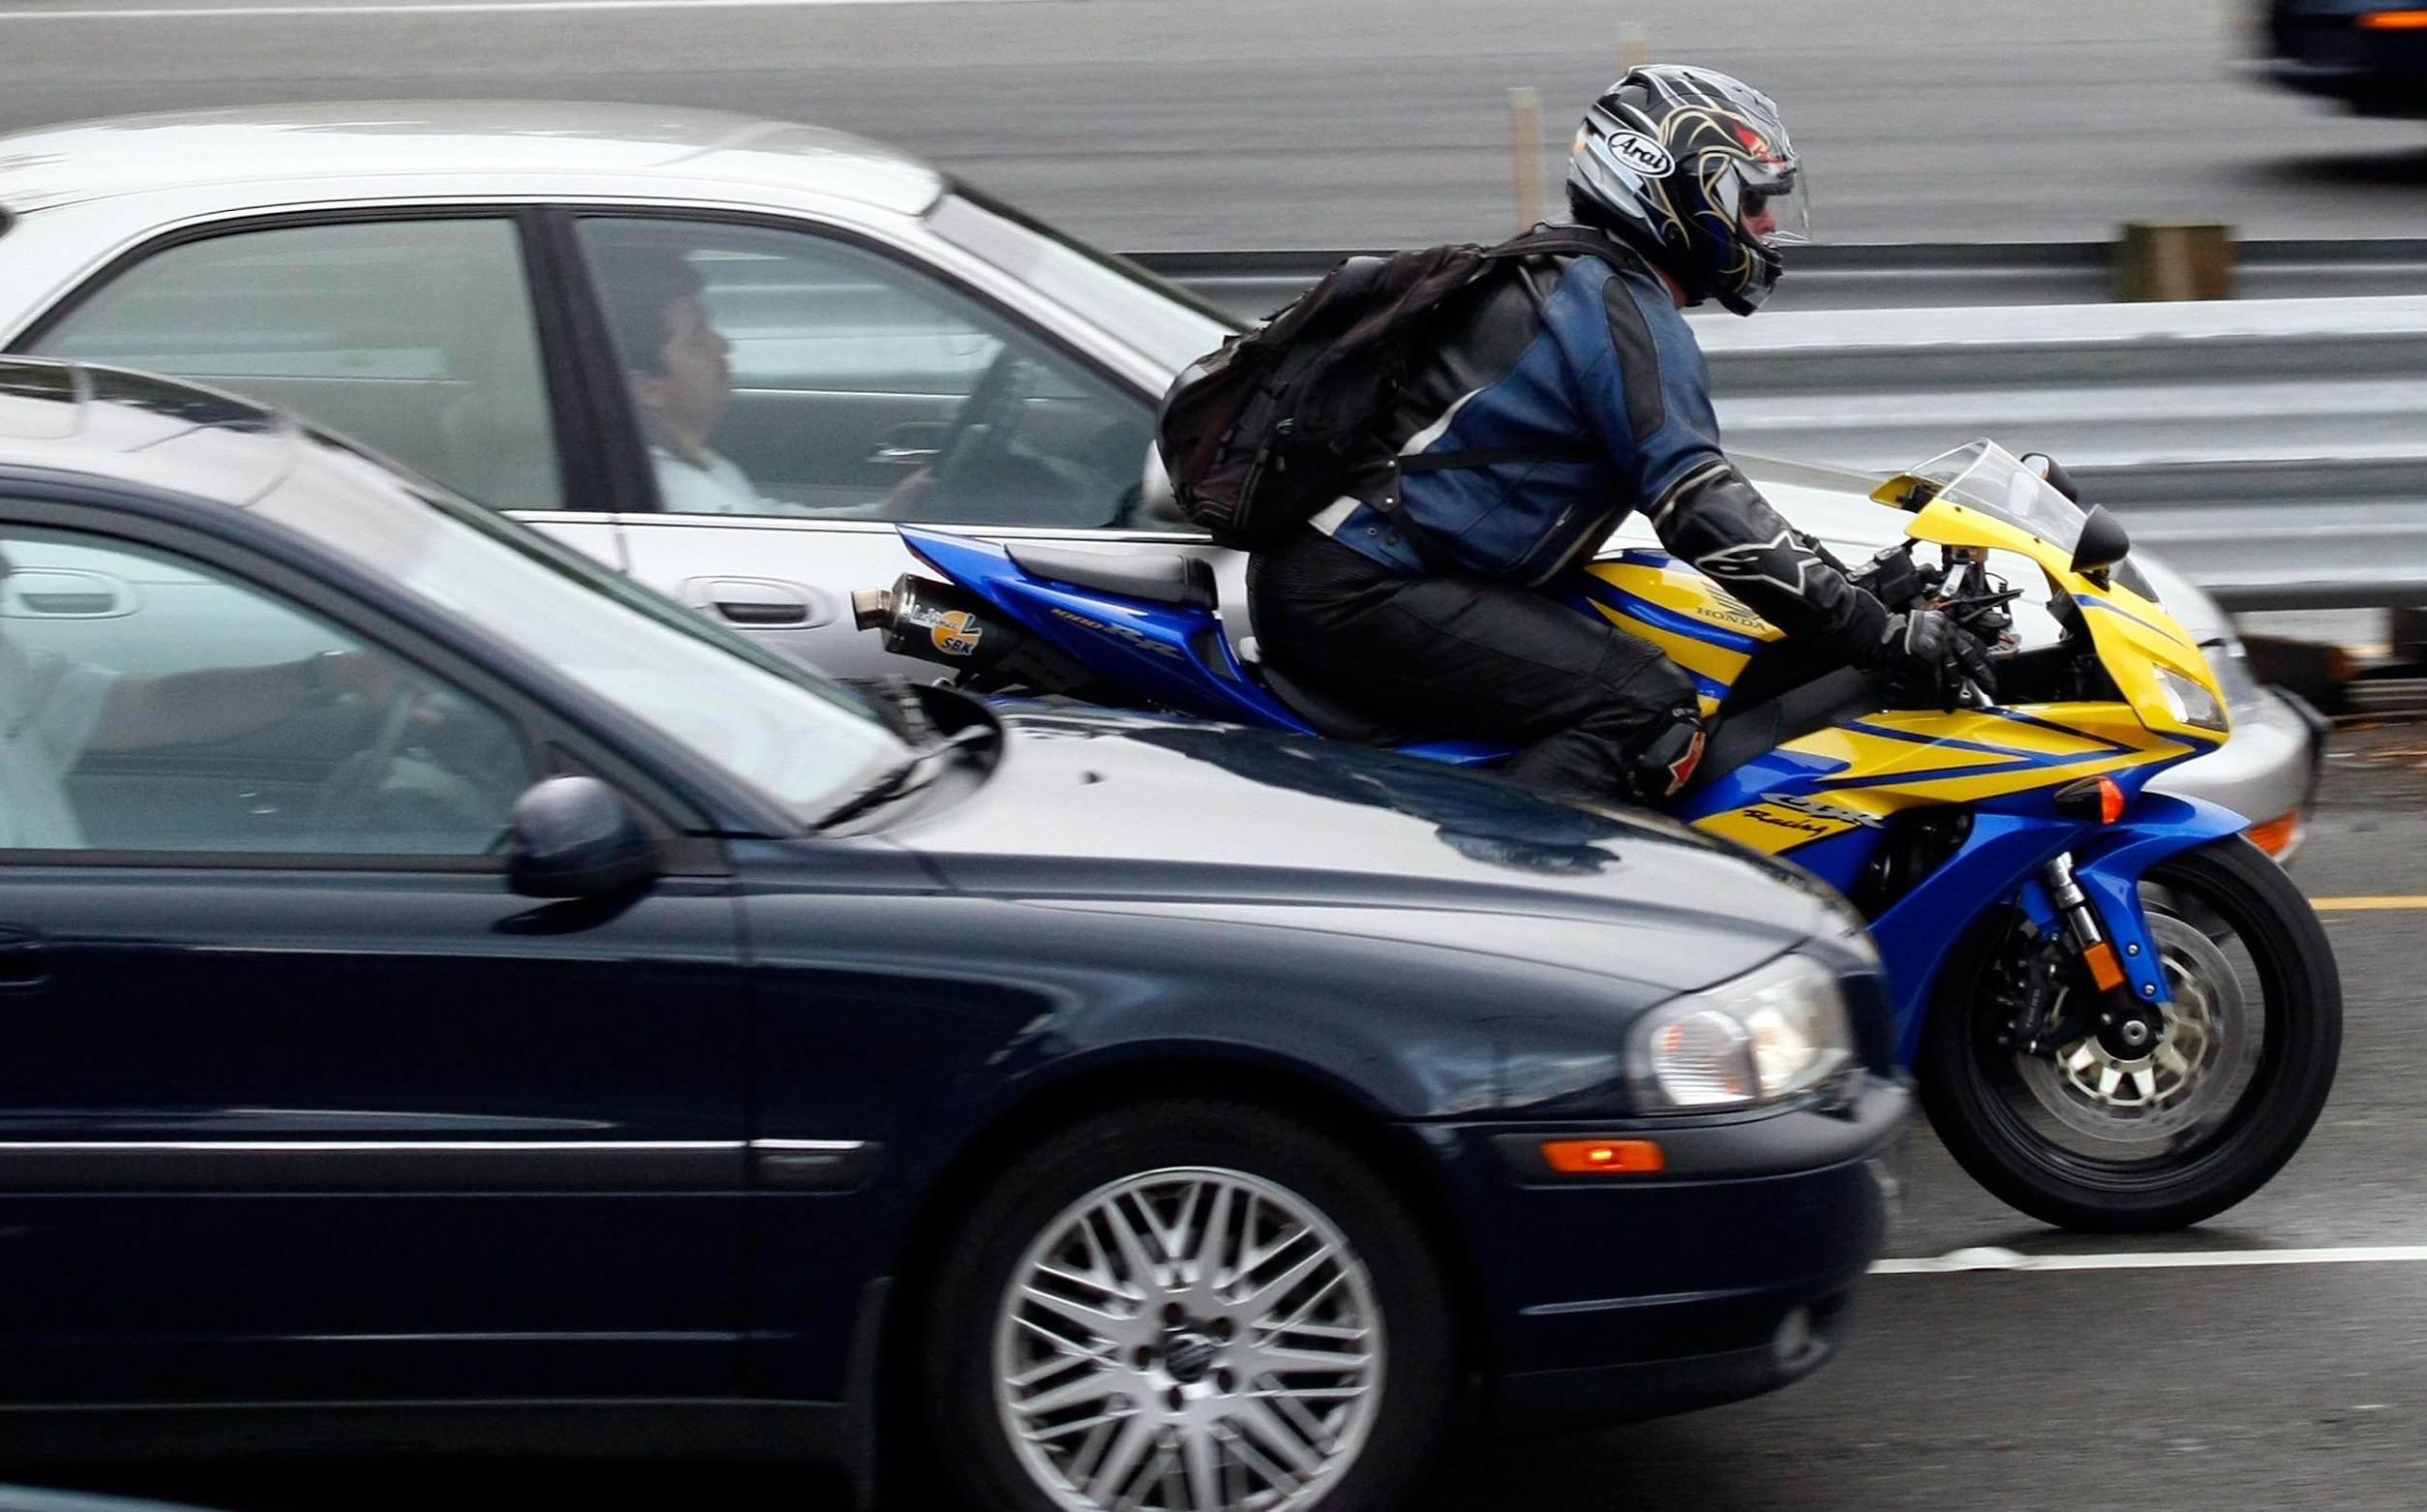 Тверским мотоциклистам могут запретить ездить между рядами машин